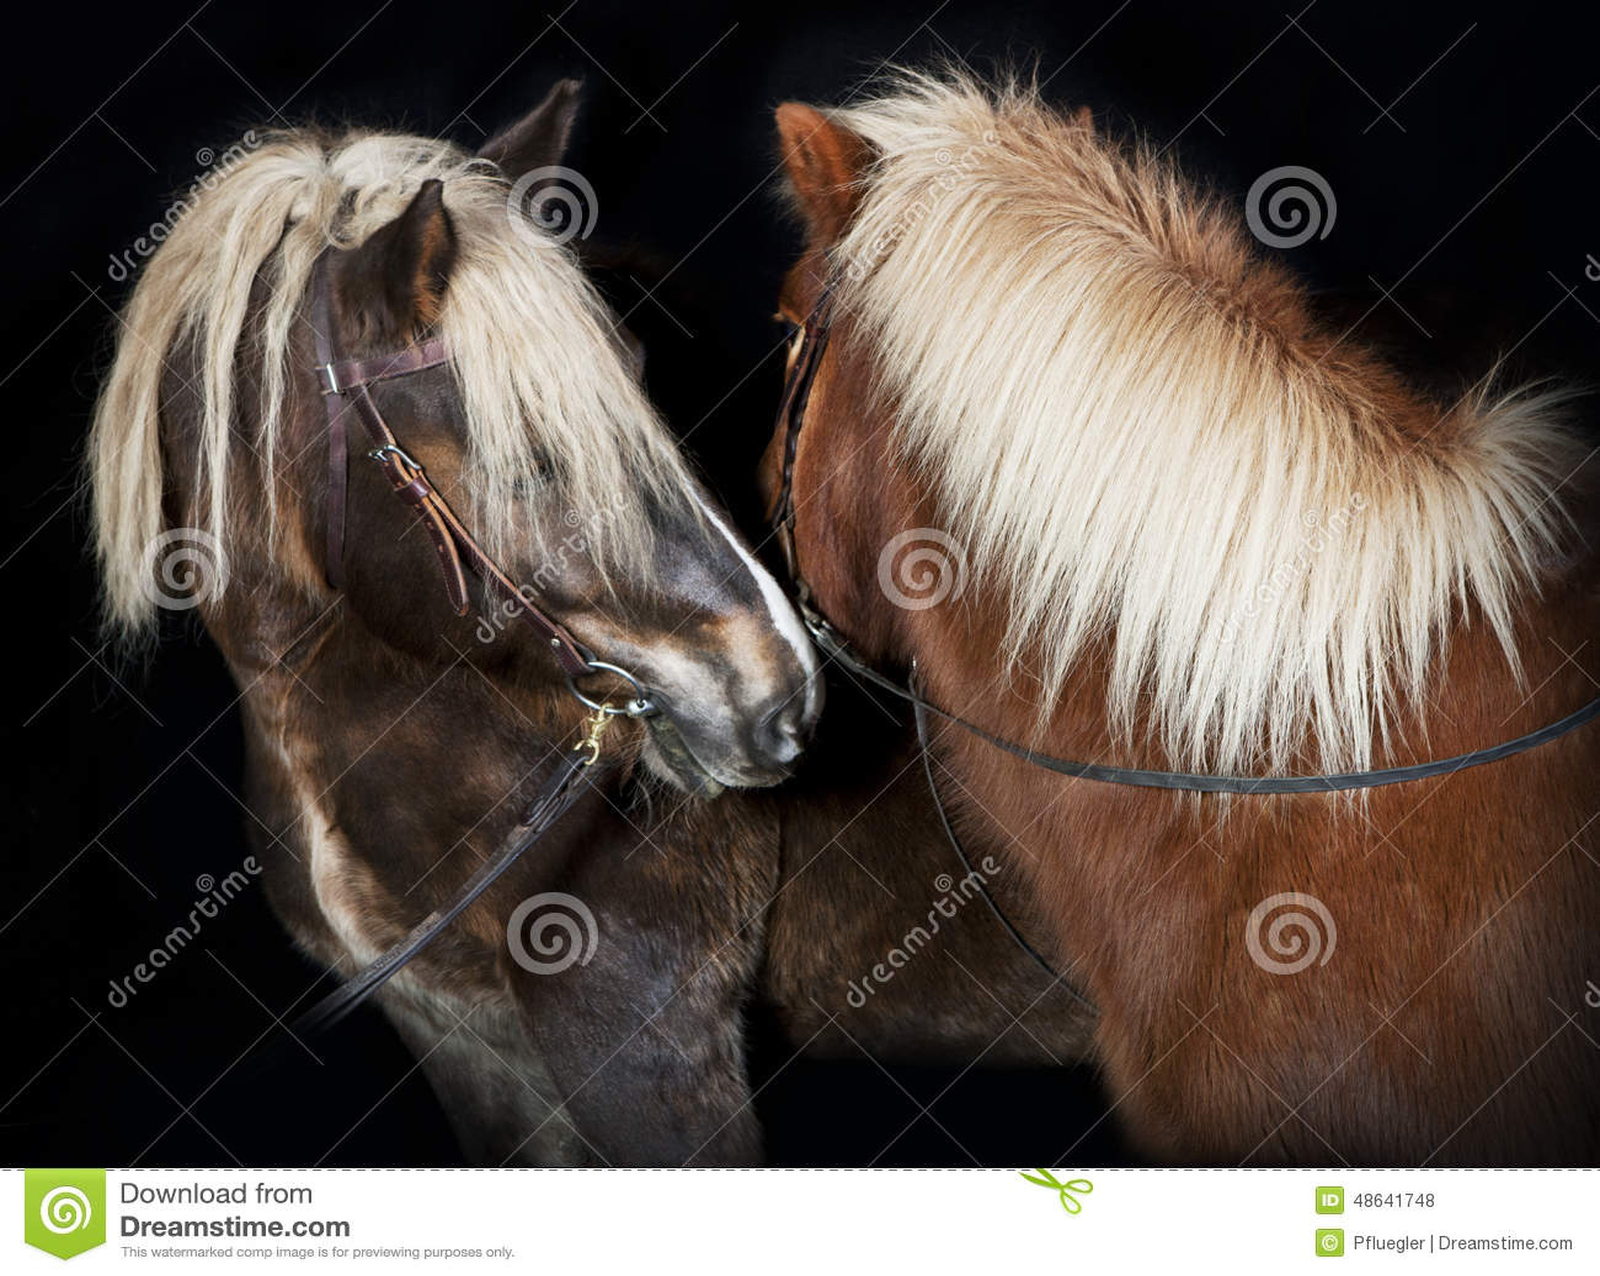 Top Zwei Pferde Vor Schwarzem Hintergrund Stockfoto - Bild von @DT_03